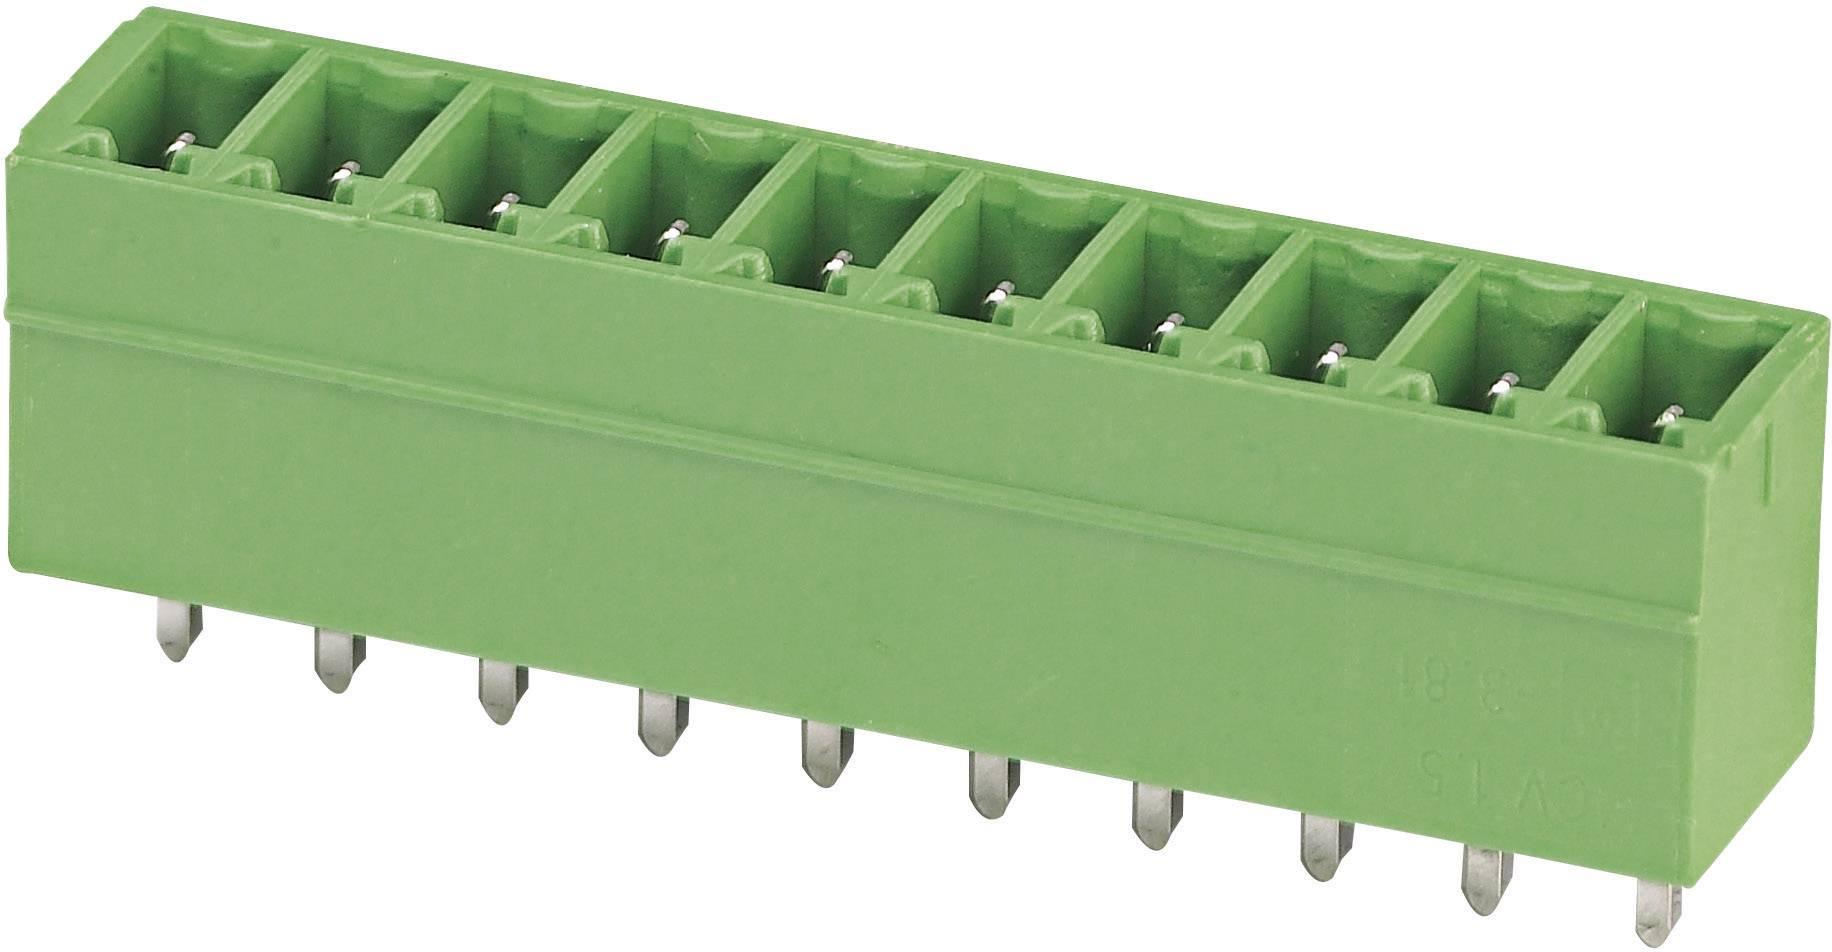 Svorkovnice 1řadá do DPS Phoenix Contact MCV 1,5/10-G-3,81 (1803507), 10pól., zelená